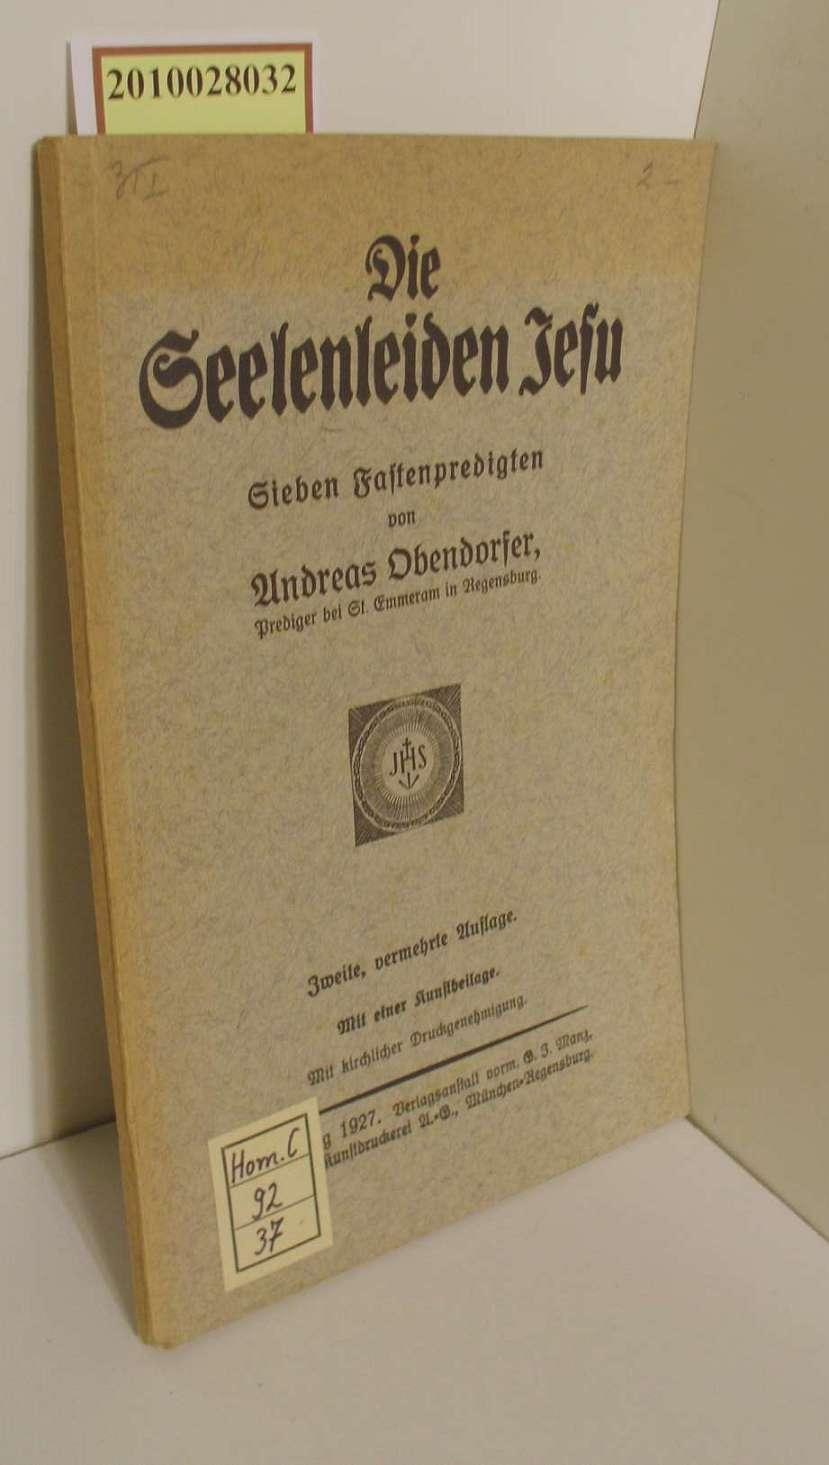 Die Seelenleiden Jesu : 7 Fastenpredigten / Andreas Obendorfer 2., verm. Aufl.